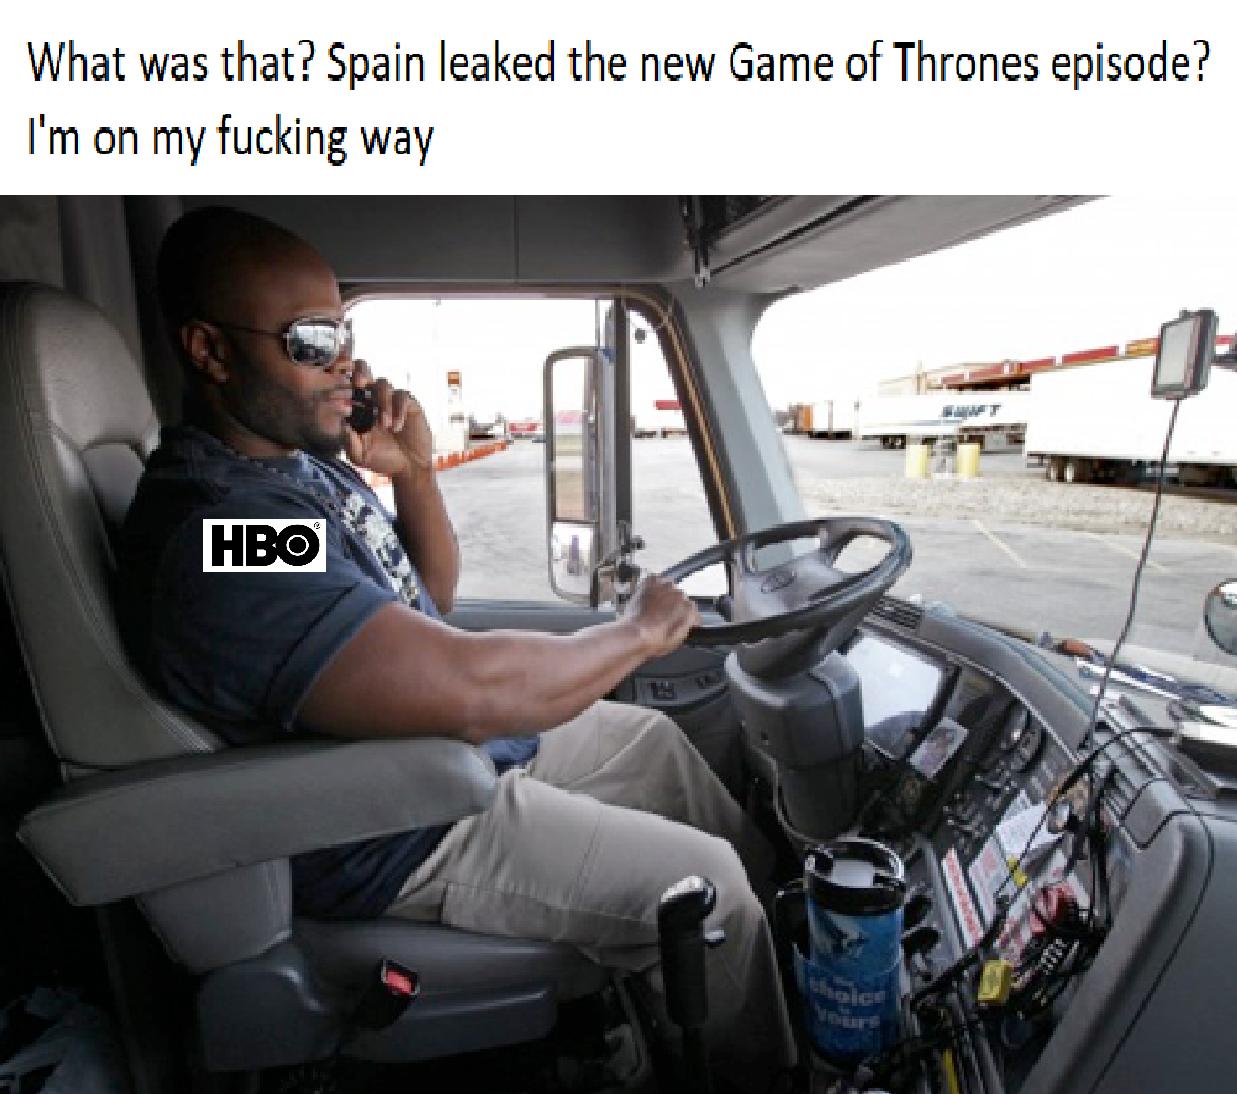 Spain leaked GOT